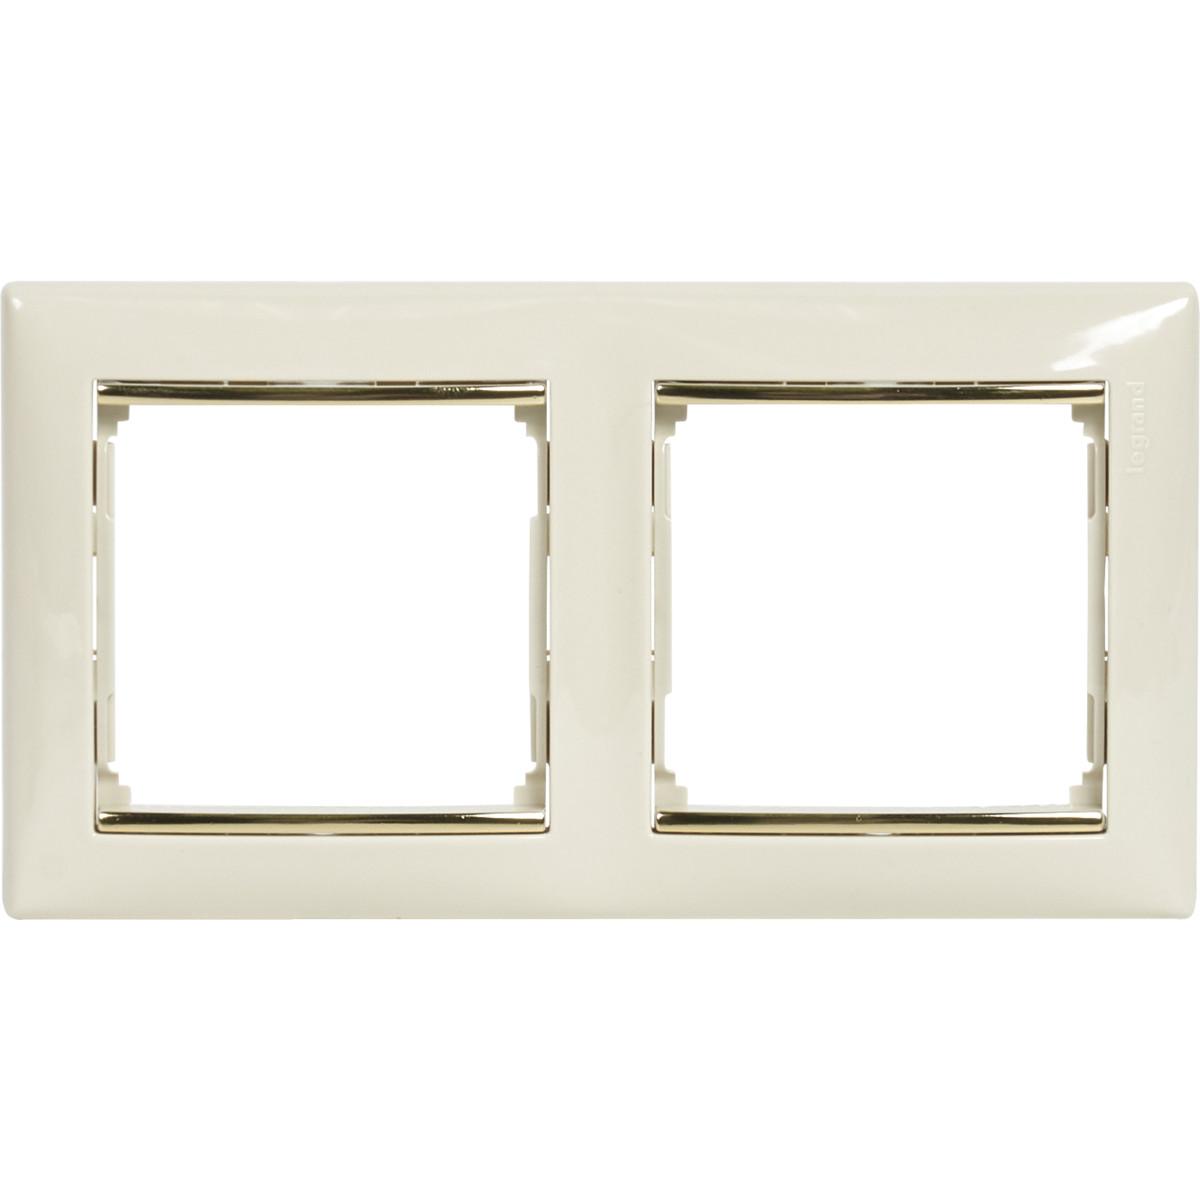 Рамка для розеток и выключателей Legrand Valena 2 поста цвет слоновая кость/золотой шелк